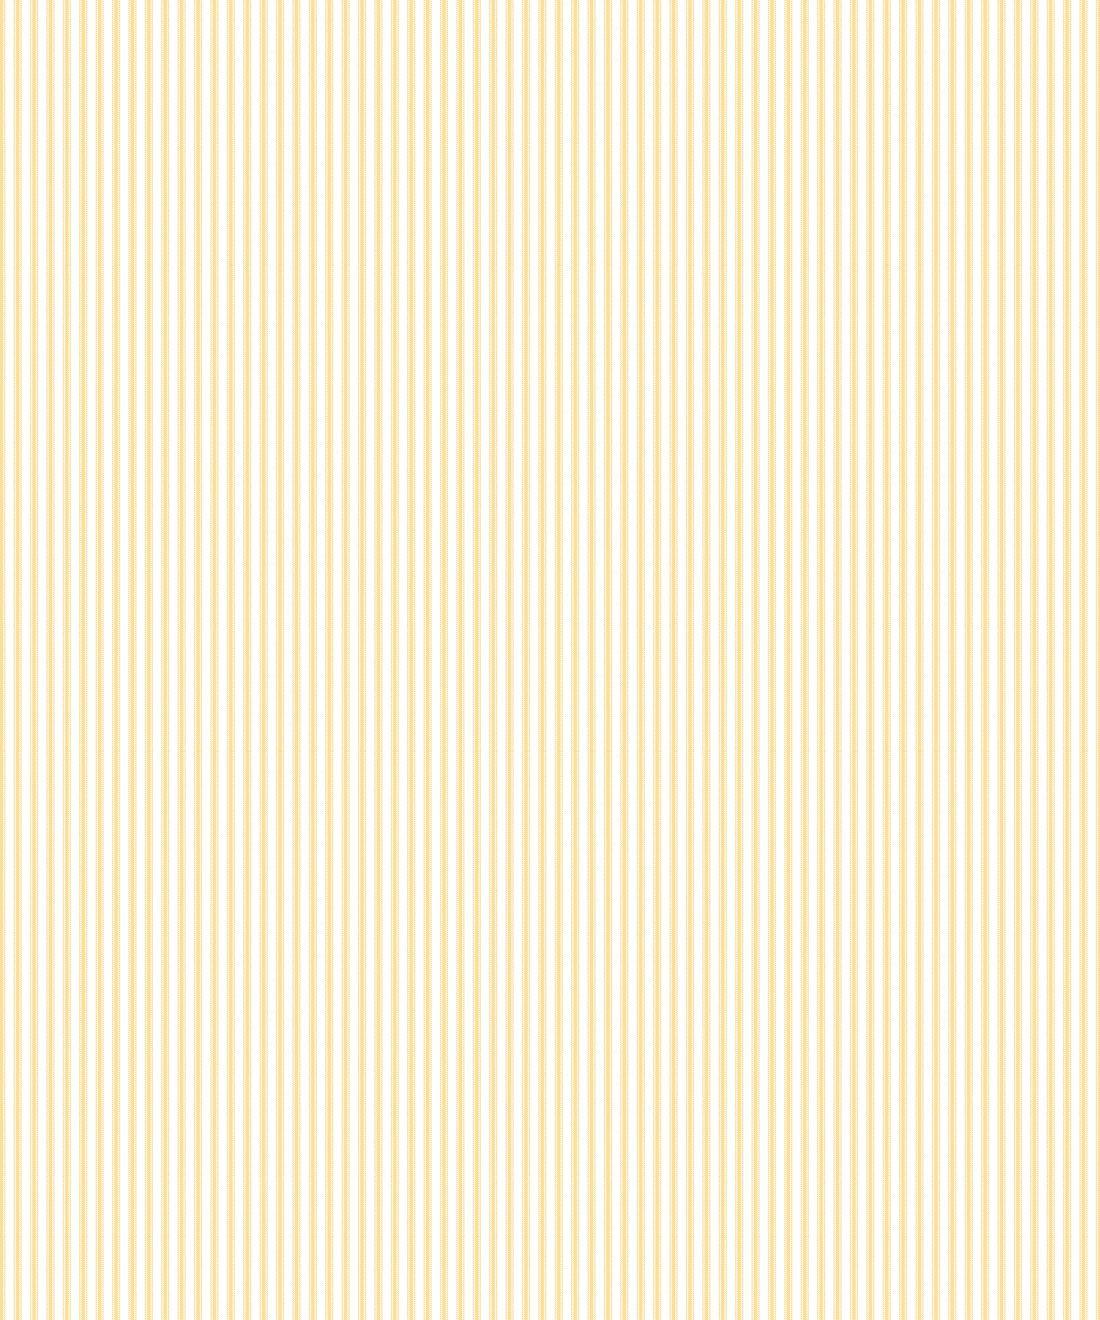 Ticking Stripe Wallpaper • Sunshine Yellow Wallpaper • Insitu